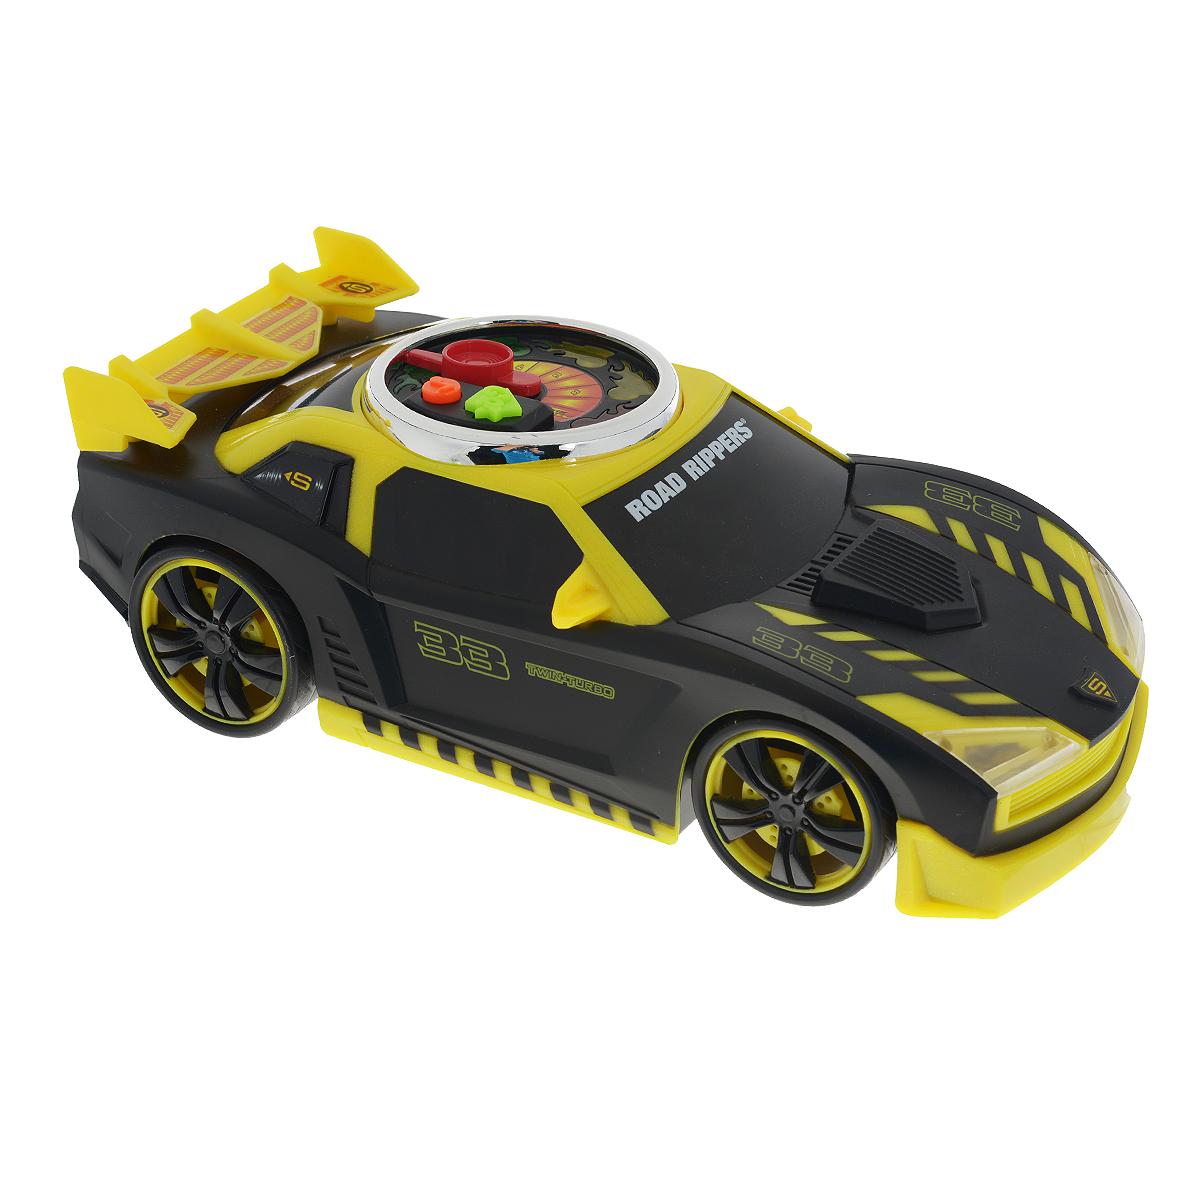 Road Rippers Машинка Turbo Revver цвет желтый черный33490TS_желтый/черныйЯркая машинка Road Rippers Turbo Revver со звуковыми и световыми эффектами, несомненно, понравится вашему ребенку и не позволит ему скучать. Игрушка выполнена в виде стильной гоночной машины. При нажатии на кнопки, расположенные на крыше, воспроизводятся звуки работающего двигателя, играет музыка, а фары машинки начинают светиться. Малыш сможет почувствовать себя настоящим гонщиком, разгоняя машинку - для этого нужно несколько раз повернуть стрелку на спидометре на крыше автомобиля. С каждым поворотом на экране спидометра будет загораться огонек и раздадутся звуки двигателя. Нажмите на кнопку GO, и колесики машинки начнут вращаться с характерными звуками, а диск на ее крыше будет мерцать разноцветными огоньками. Ваш ребенок часами будет играть с машинкой, придумывая различные истории и устраивая соревнования. Порадуйте его таким замечательным подарком! Рекомендуется докупить 3 батарейки напряжением 1,5V типа AА (товар комплектуется демонстрационными).